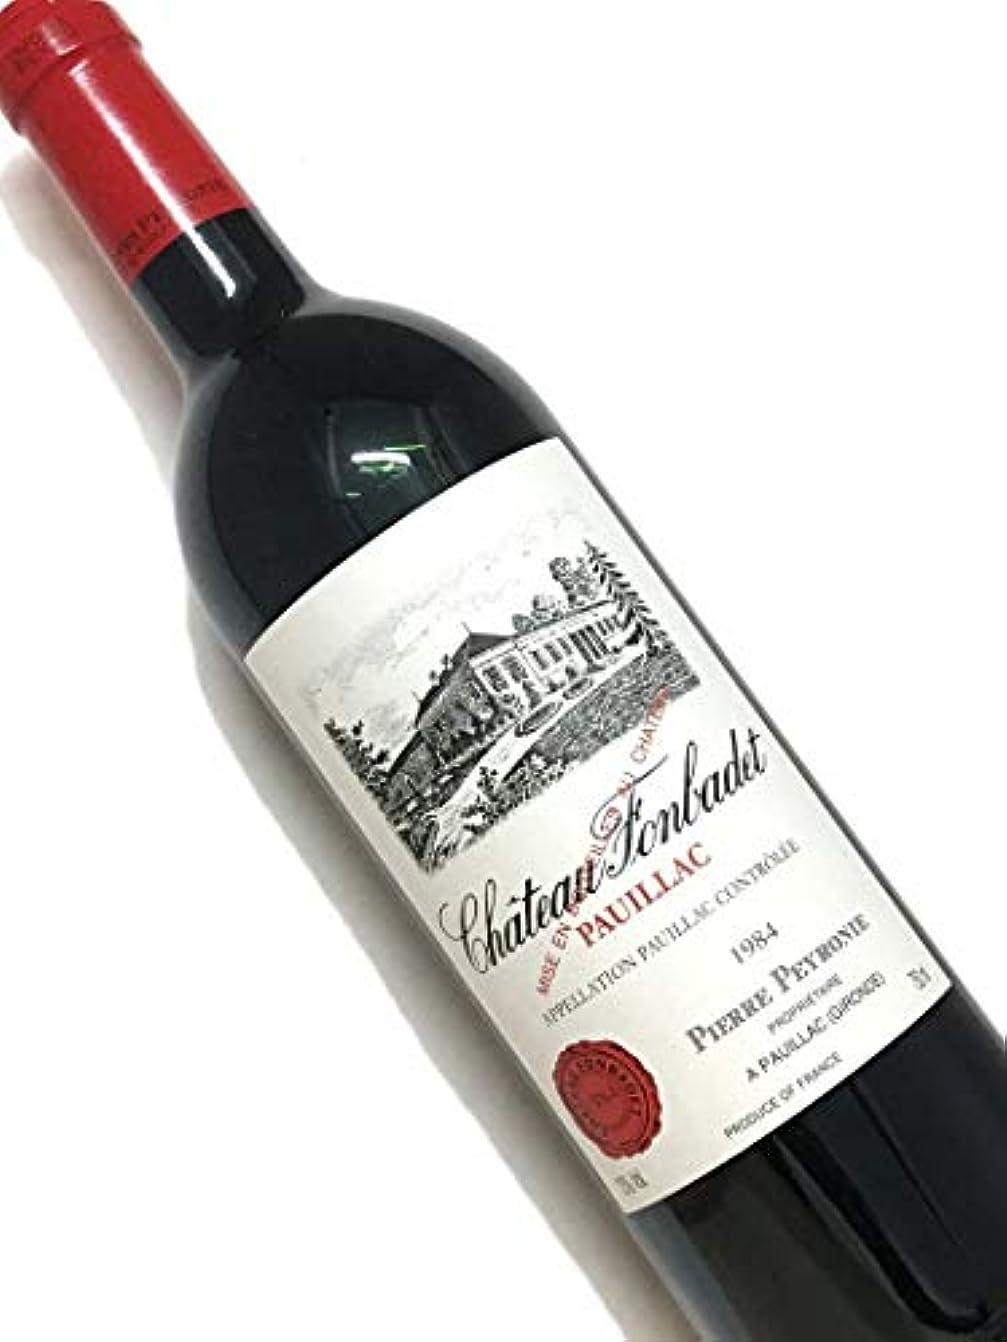 ドラッグ遅いホールド1984年 シャトー フォンバデ 750ml フランス ボルドー 赤ワイン